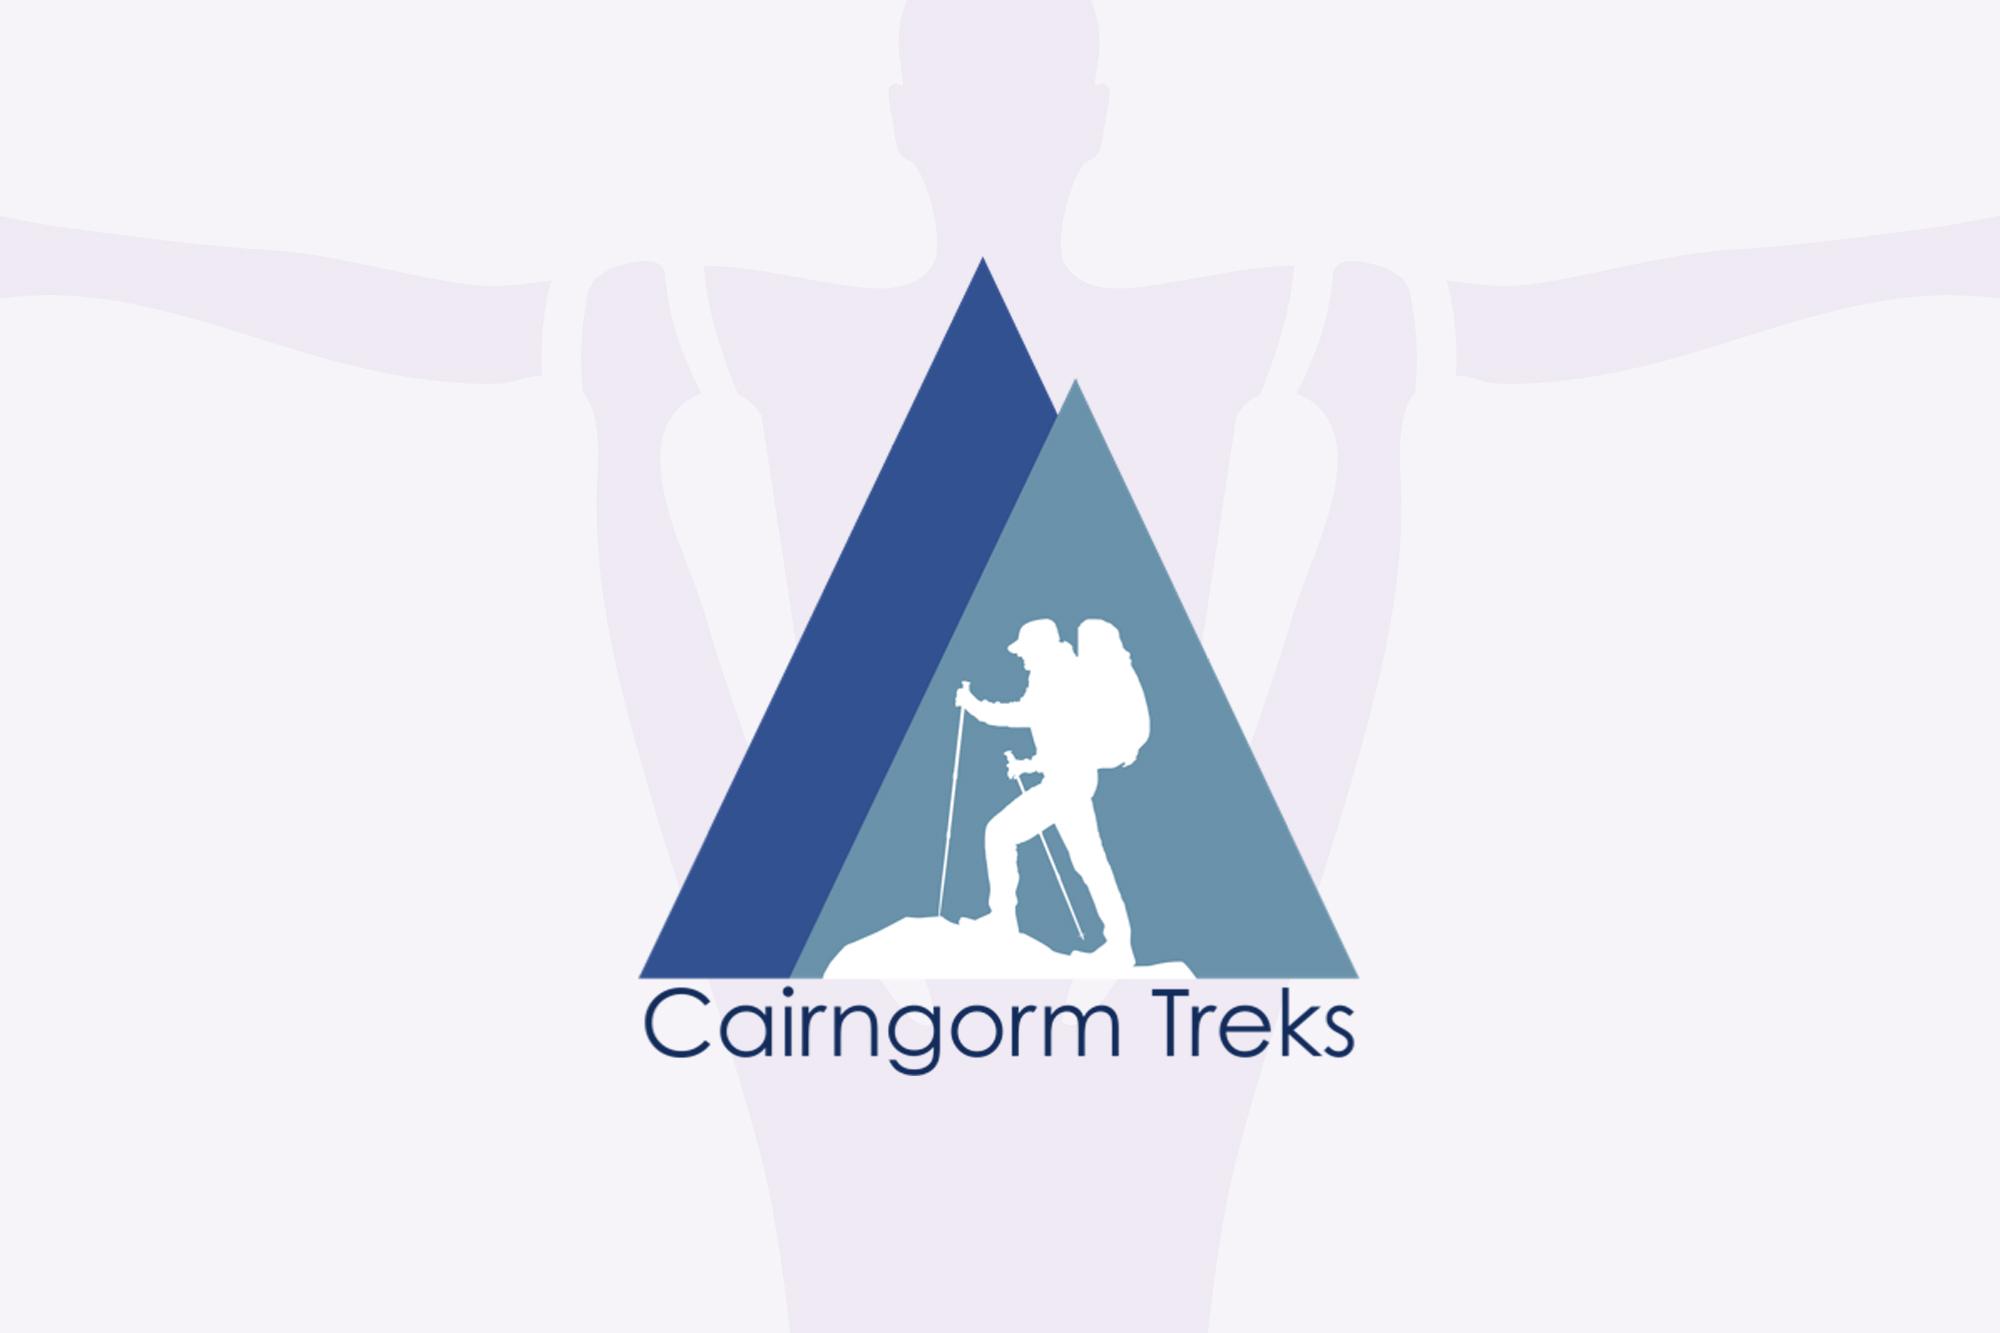 Cairngorm Treks logo